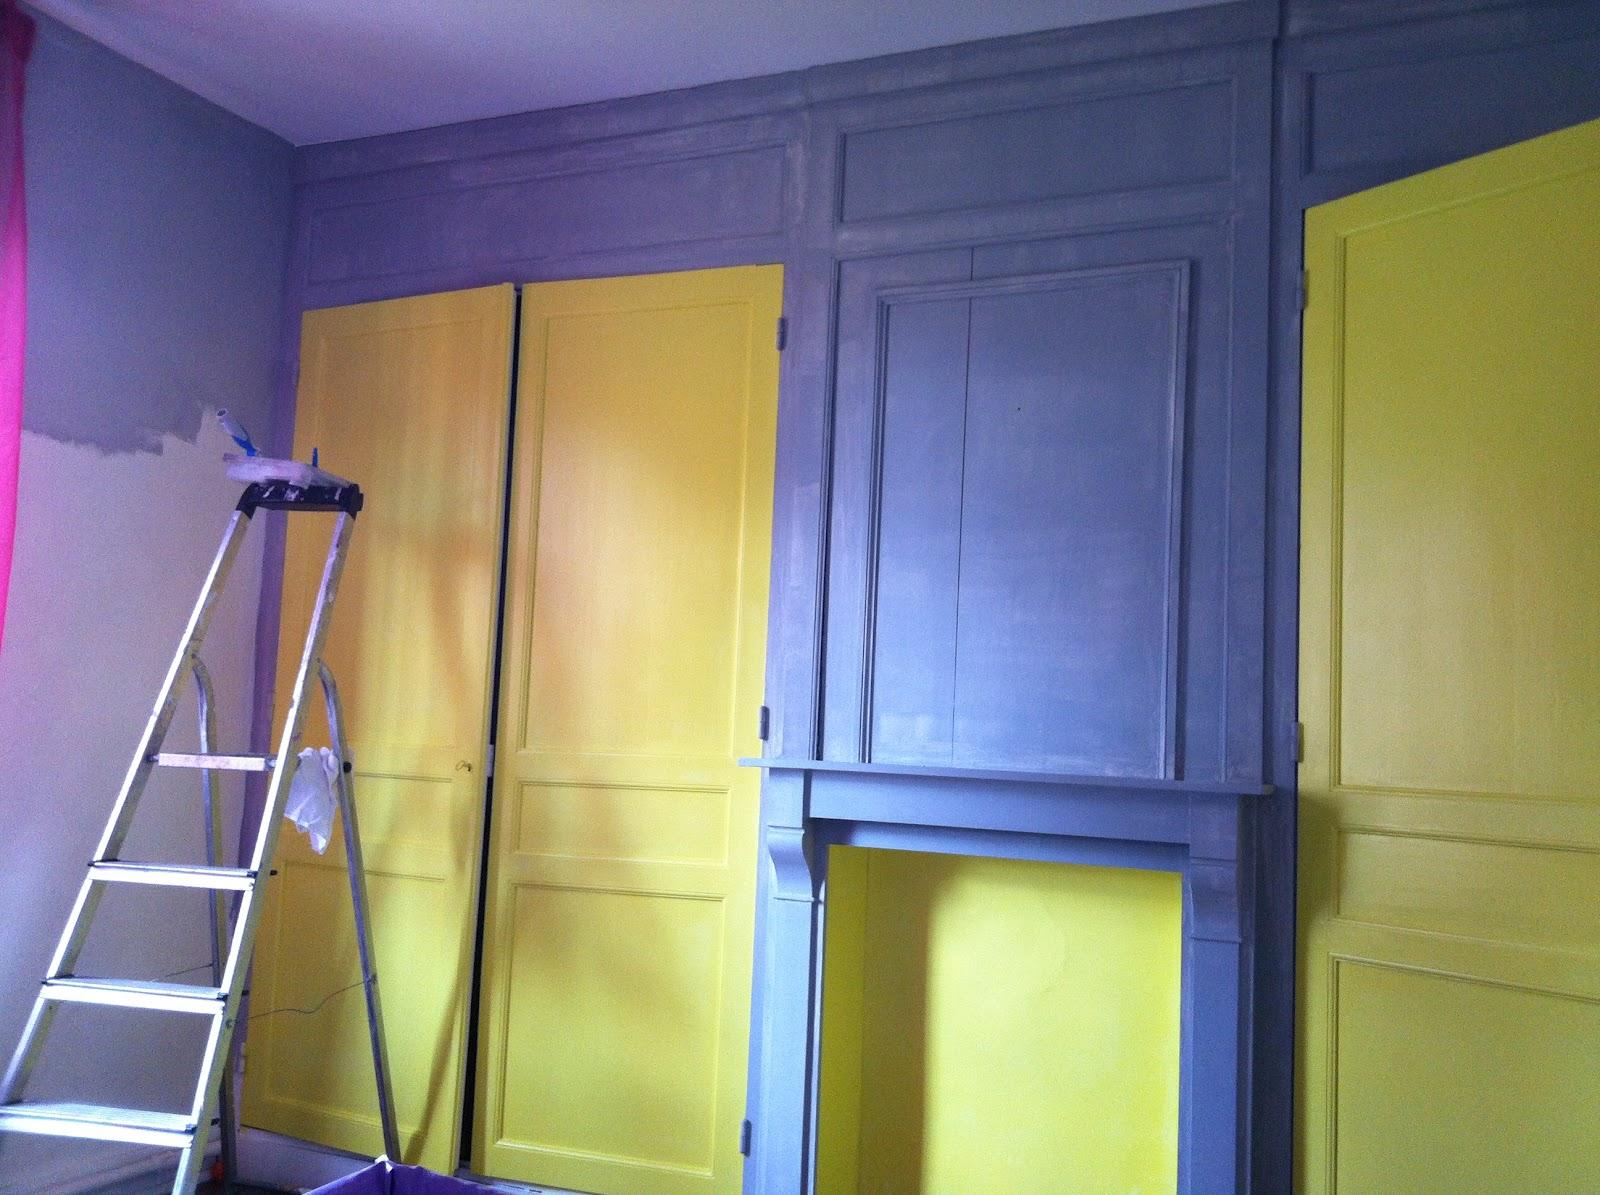 Fait avec amour... *cako*: une chambre de grand!!!! avec du jaune ...